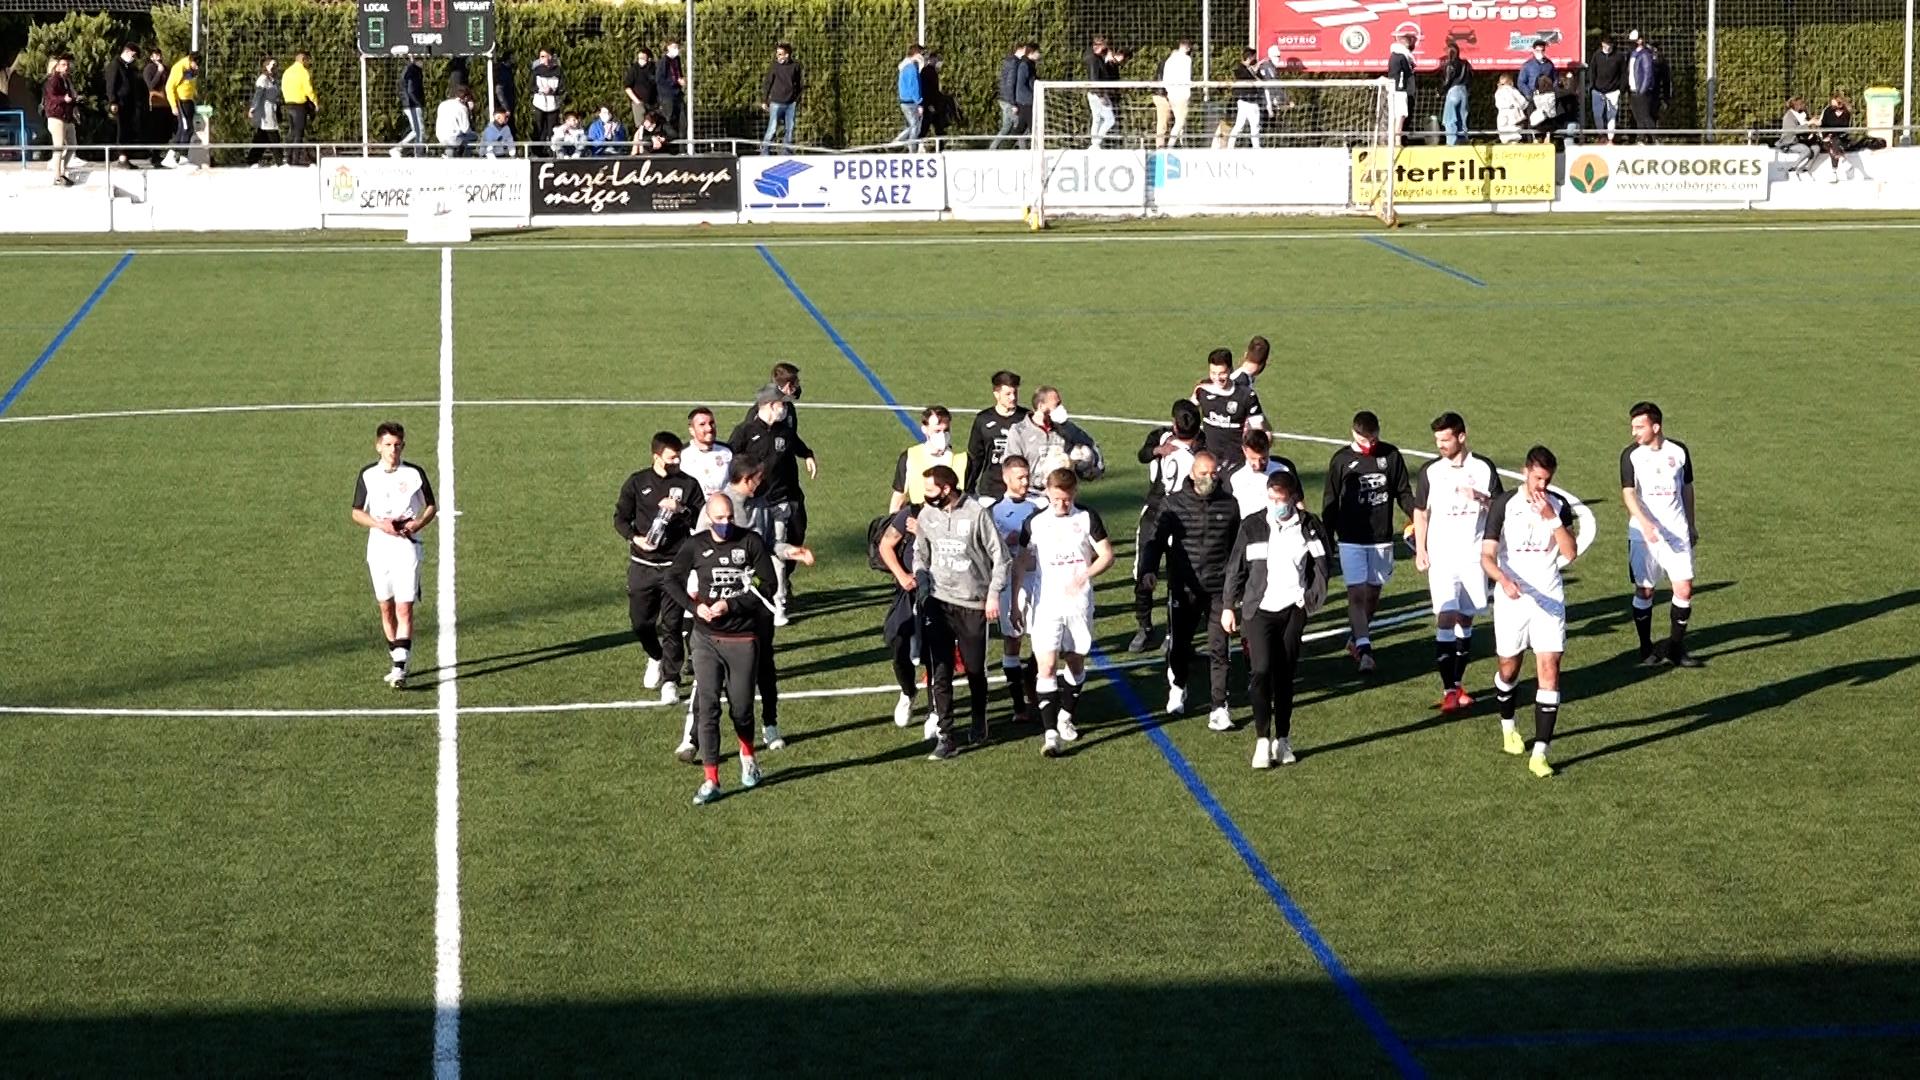 El  FC Borges es col·loca líder després de guanyar al FC Alcarràs per un contundent 5 a 0